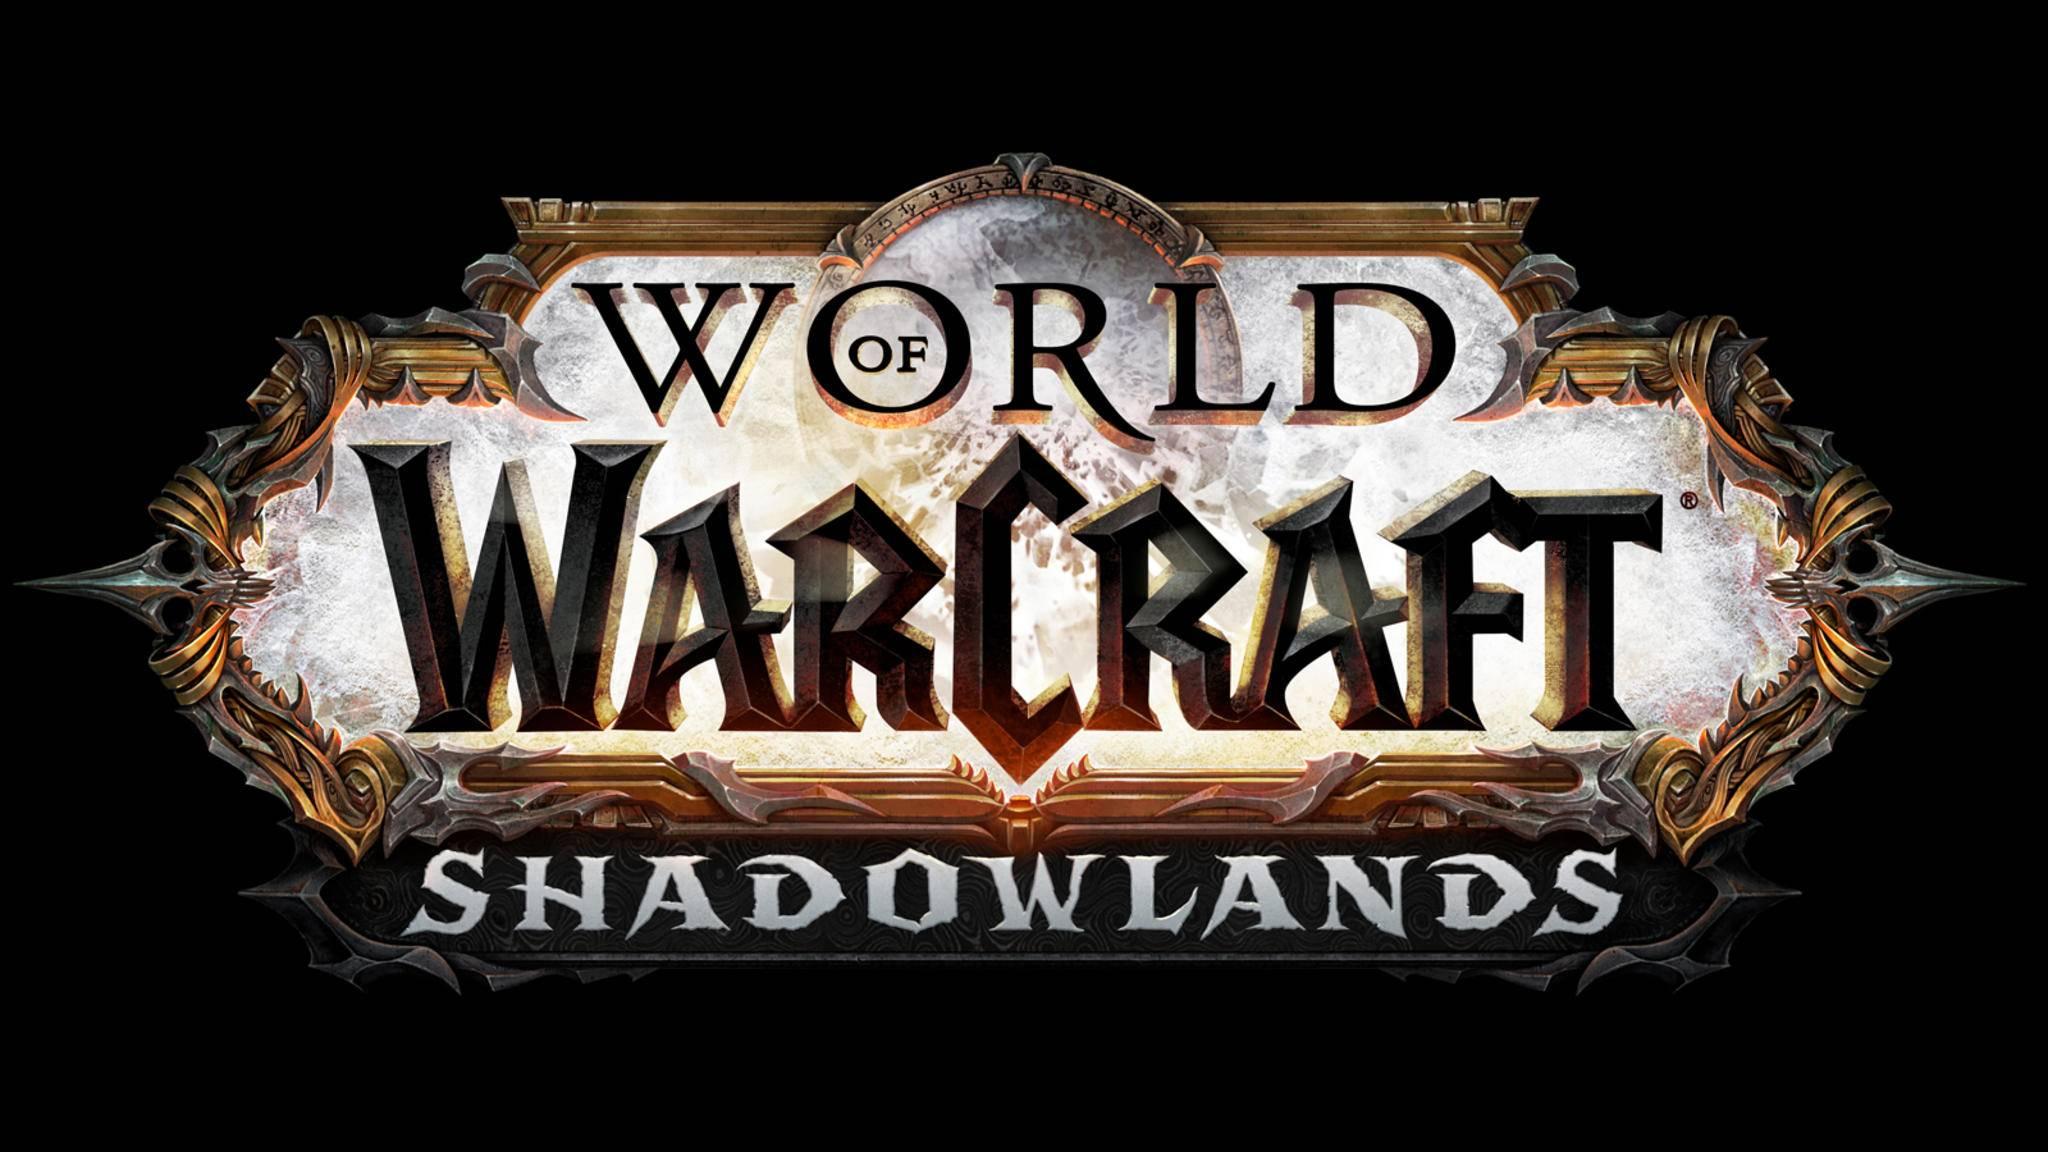 World of Warcraft Shadowlands Logo